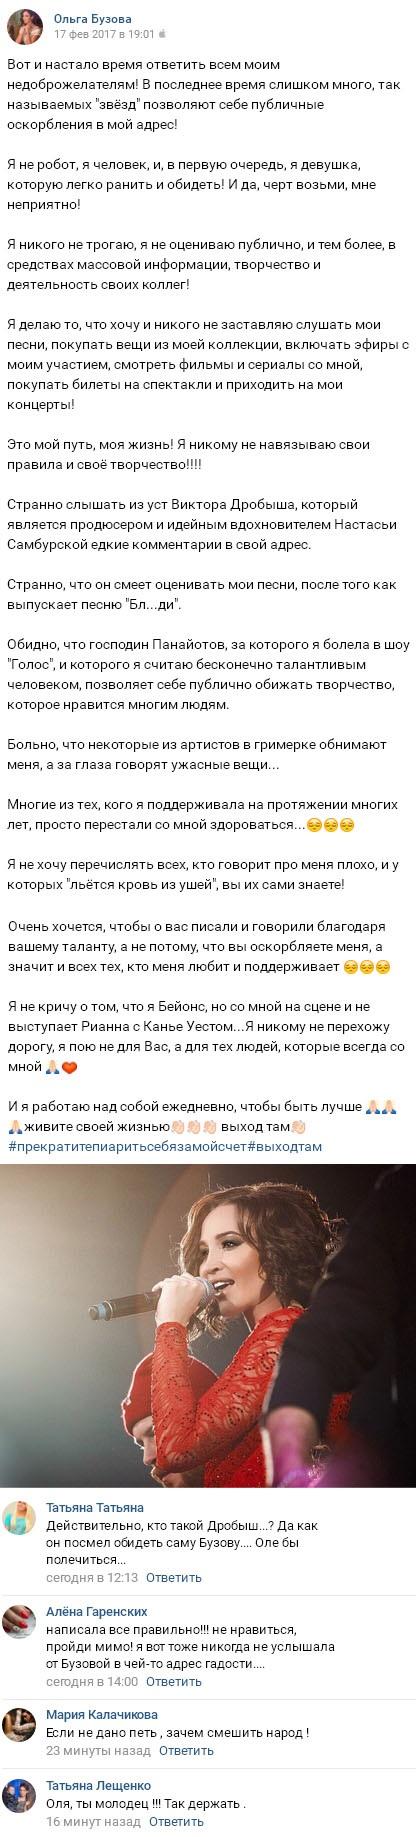 Ольга Бузова дала ответ Виктору Дробышу